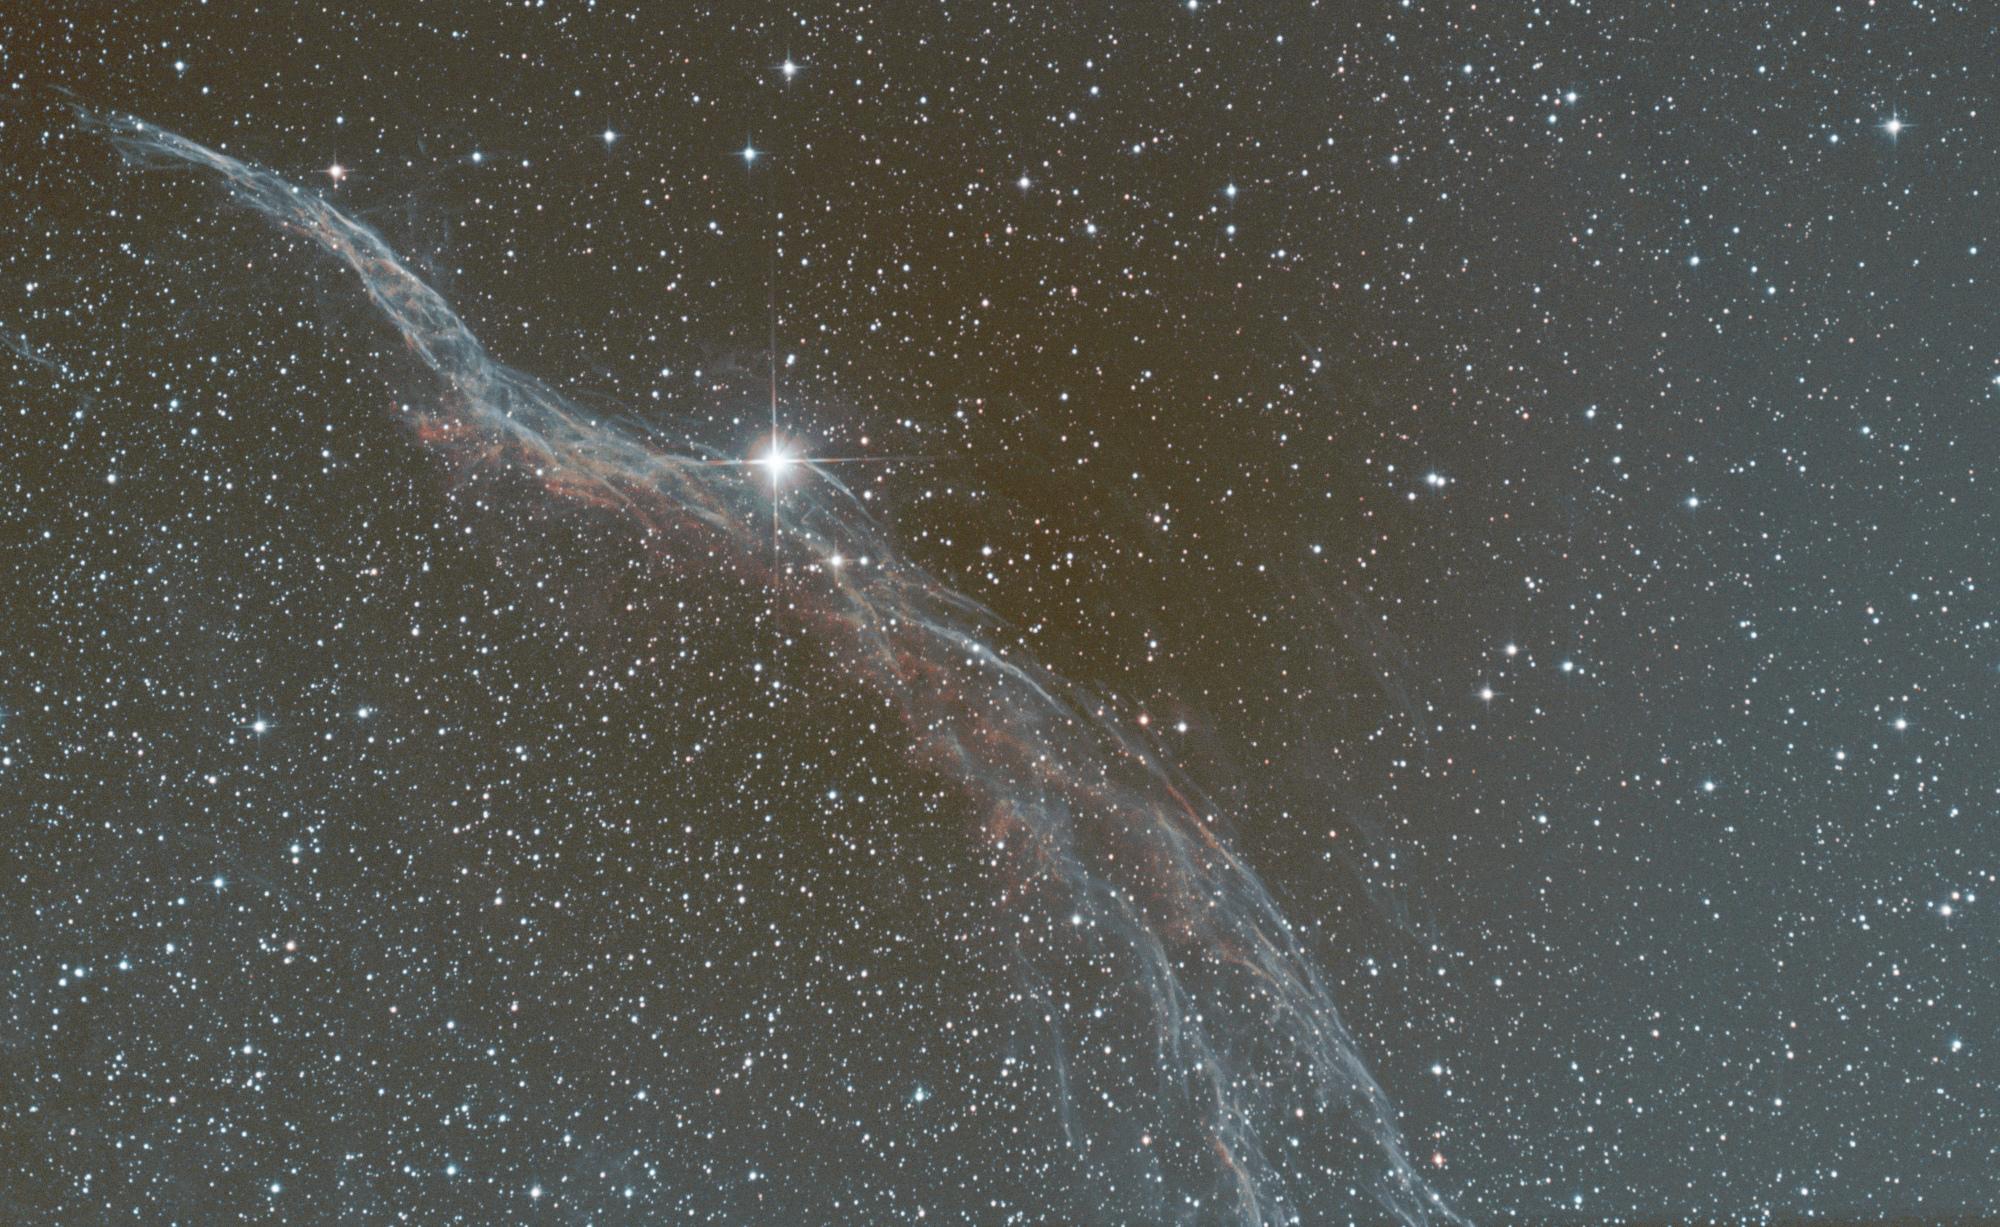 NGC6960_270819.thumb.jpg.3e7f5ec1cecfbebf17e7753cacff5bb8.jpg